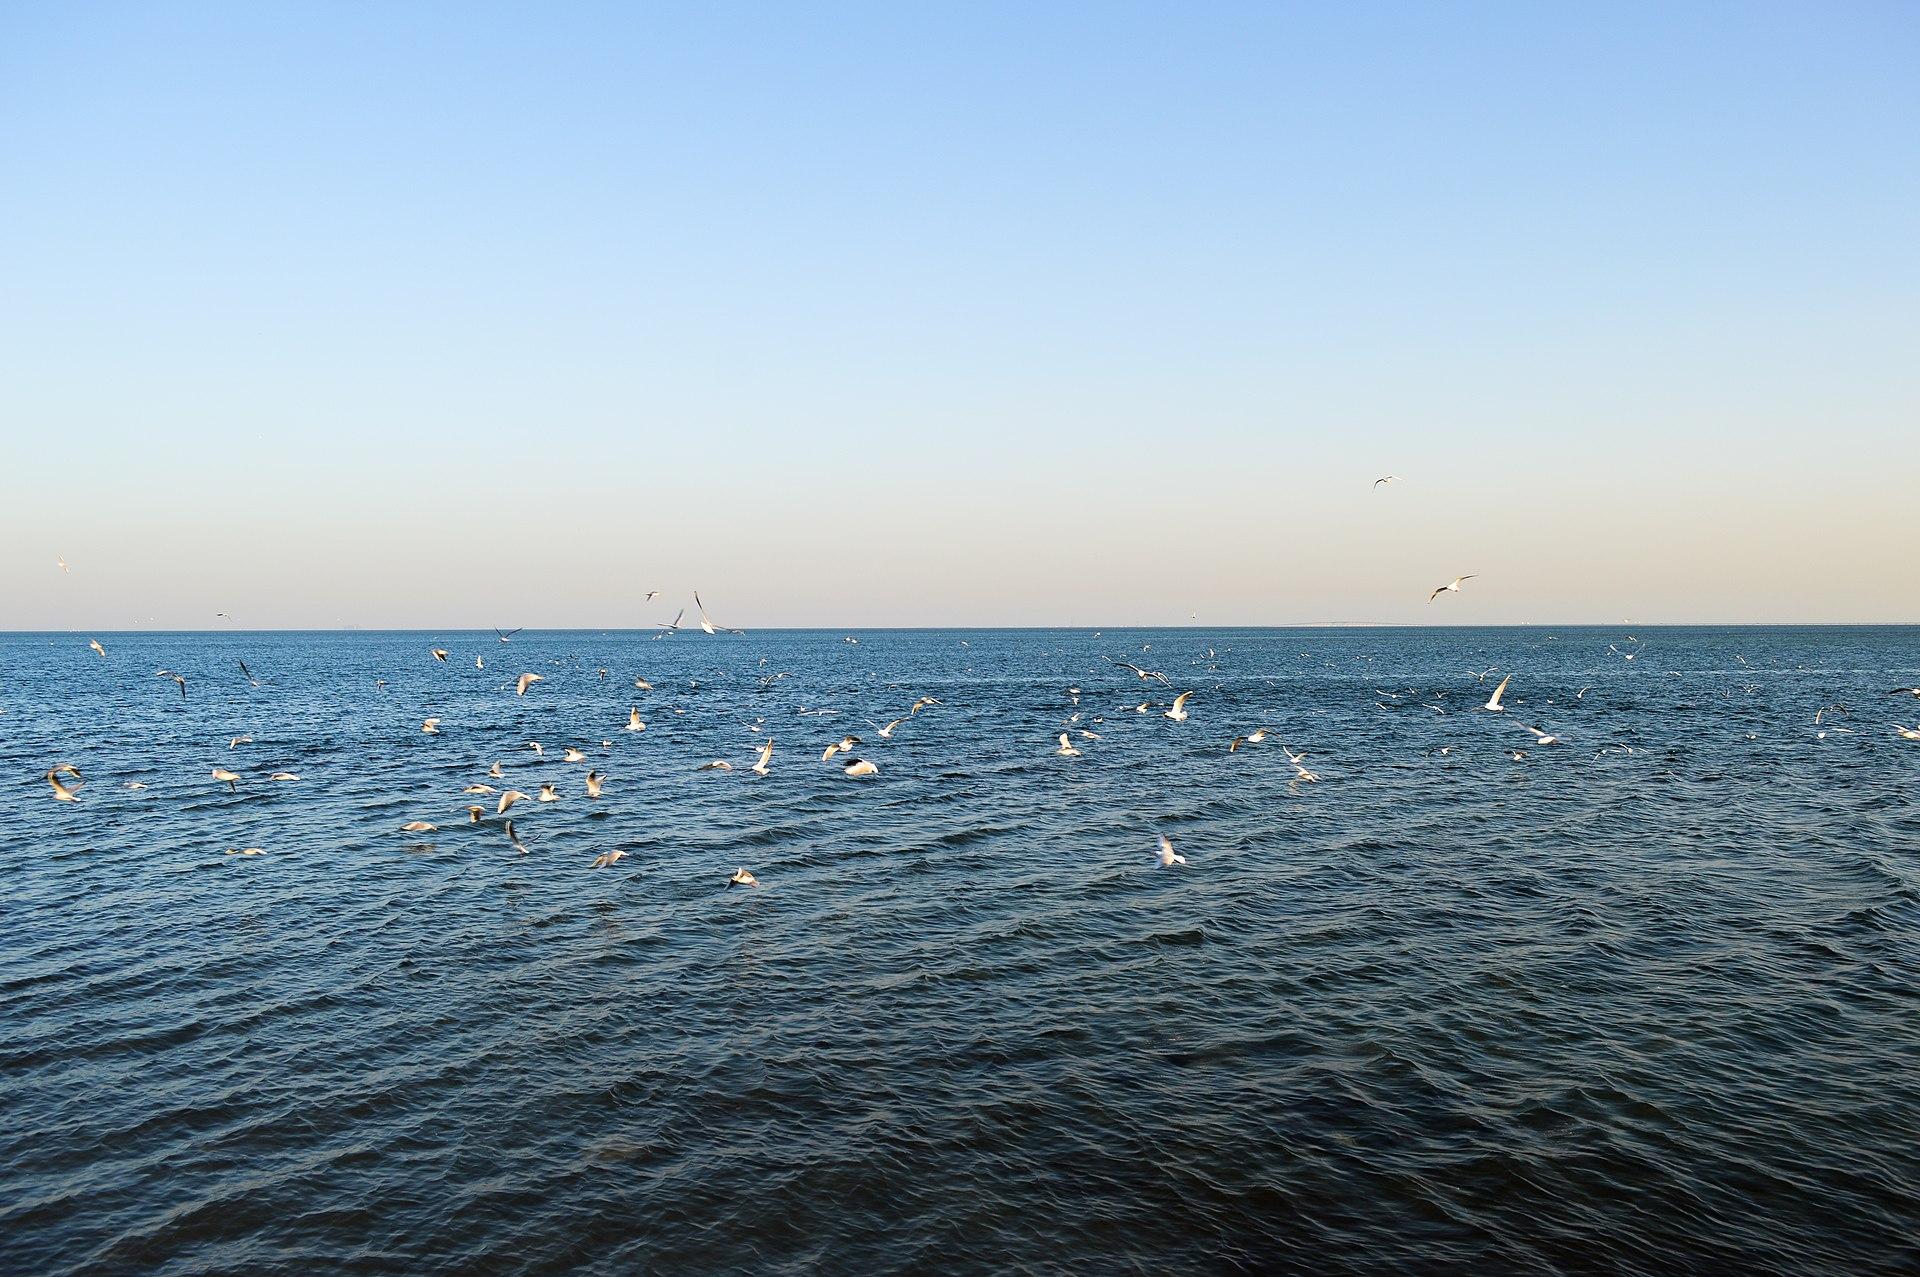 Con vista al mar - 3 9